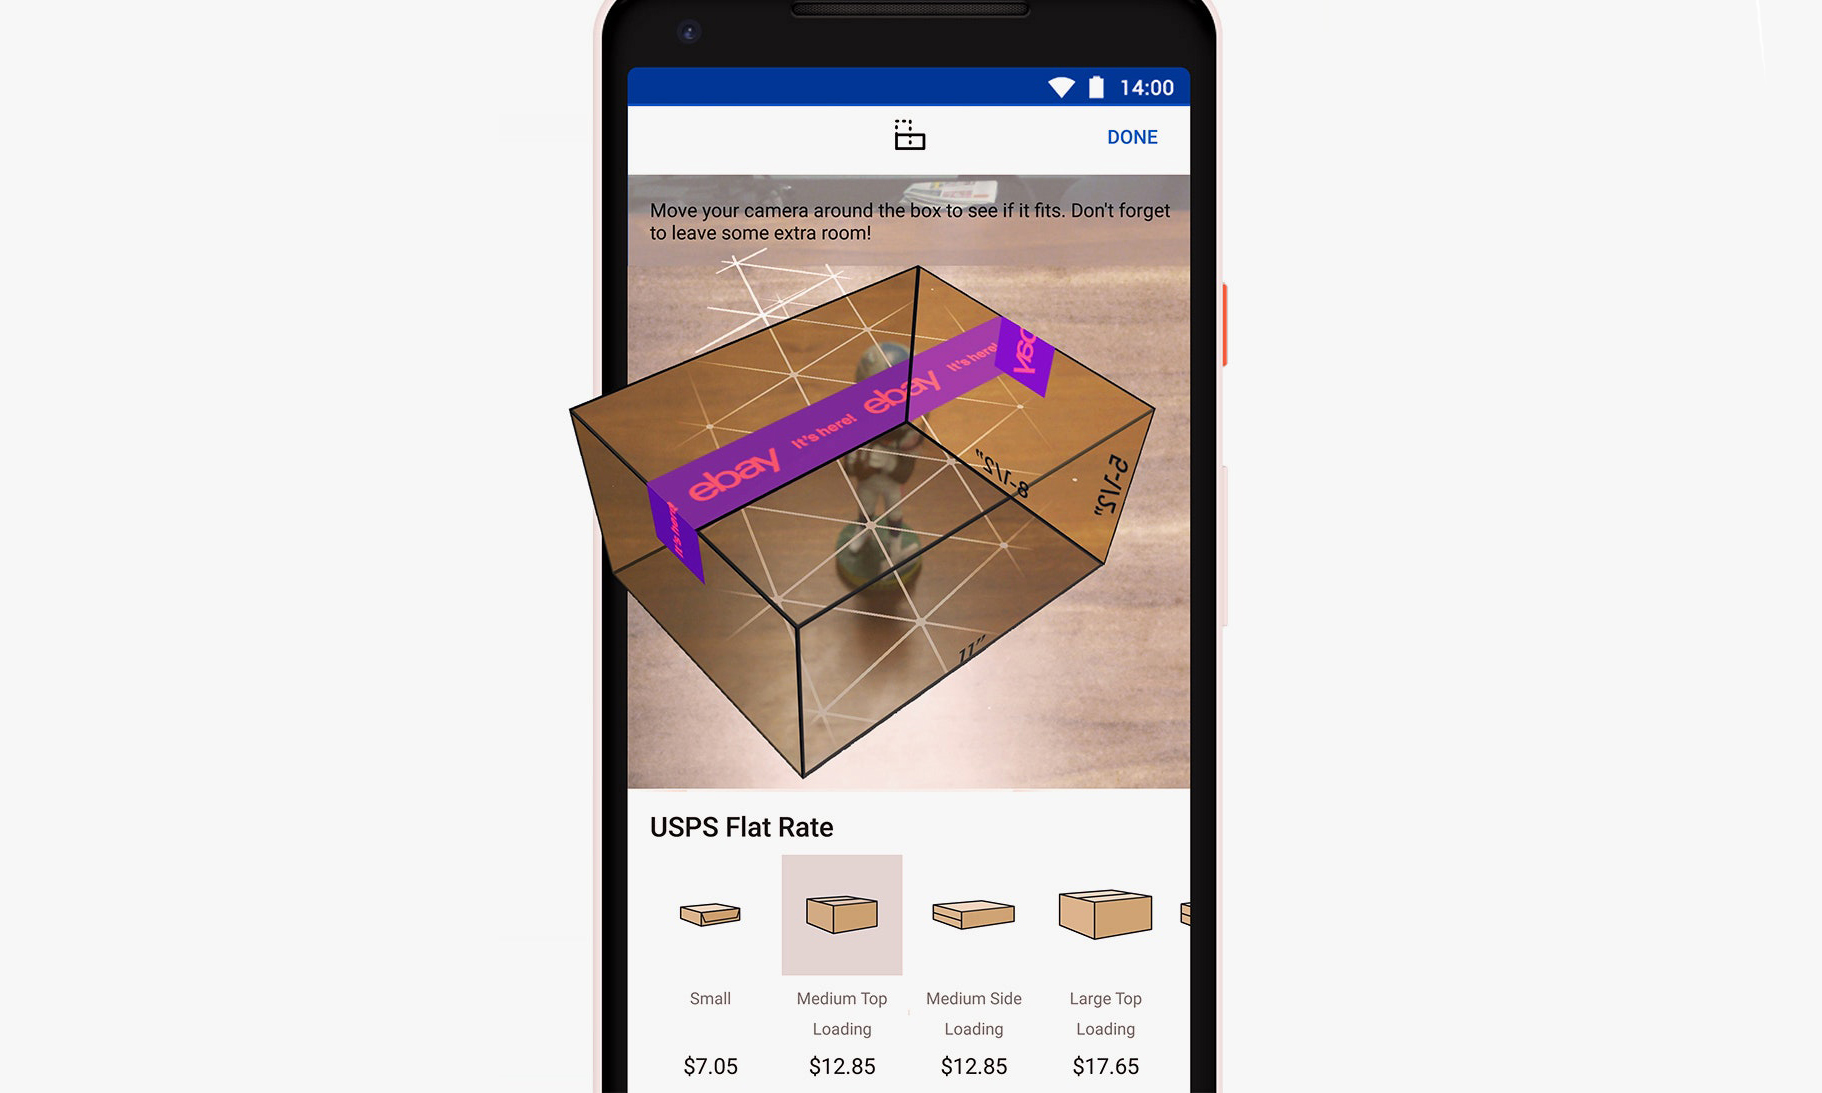 eBay 的最新 AR 服务,帮你挑到最合适 Size 的快递箱